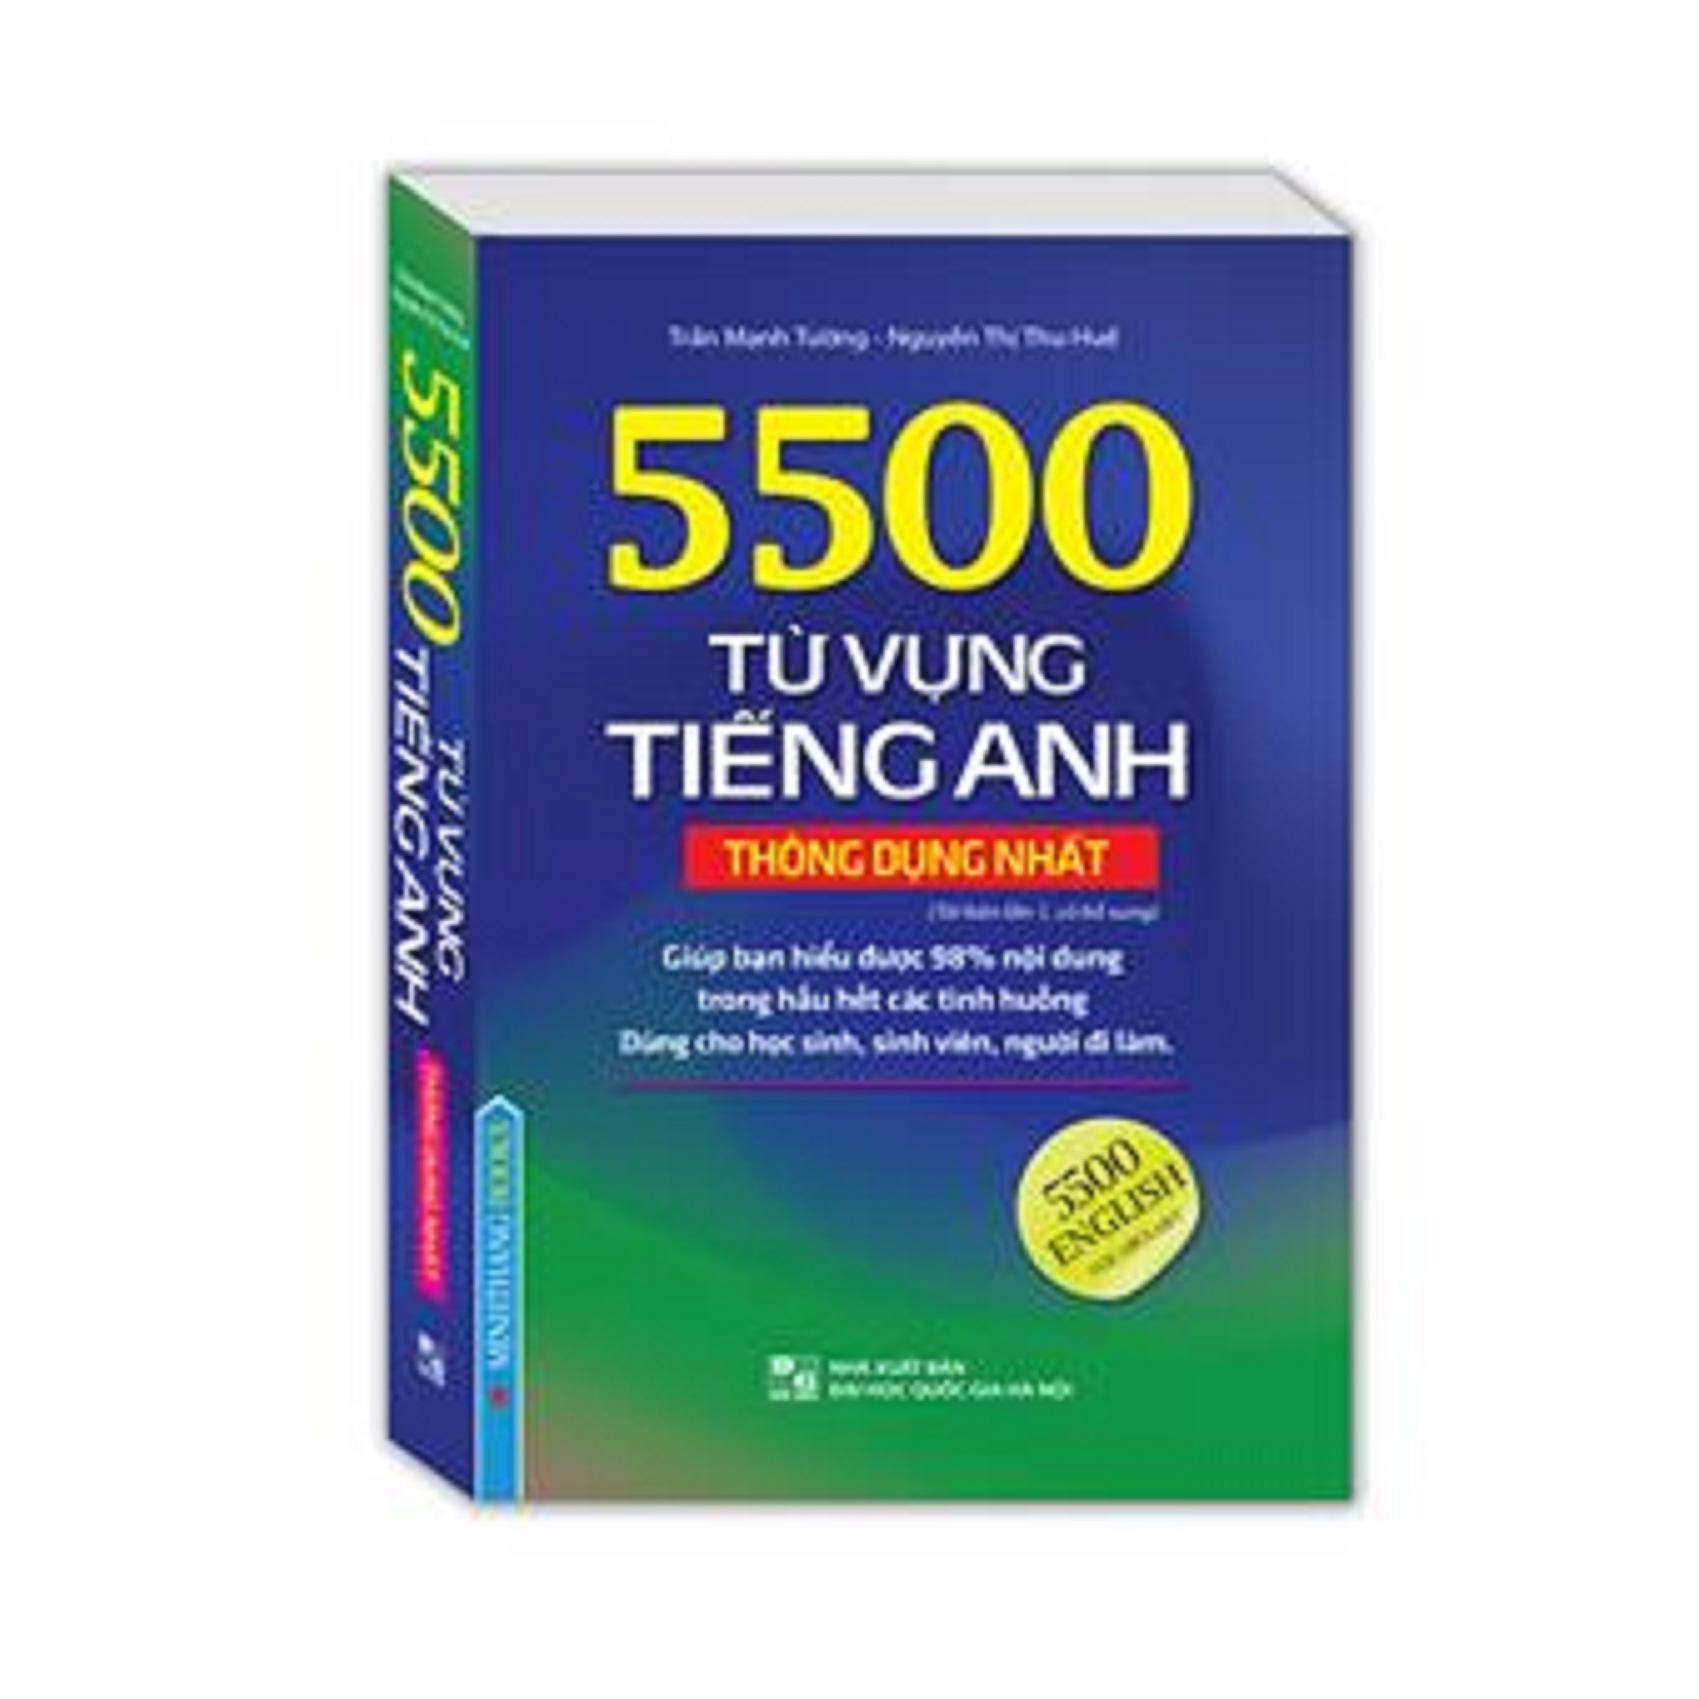 Mua 5500 từ vựng tiếng Anh thông dụng nhất (bản màu)